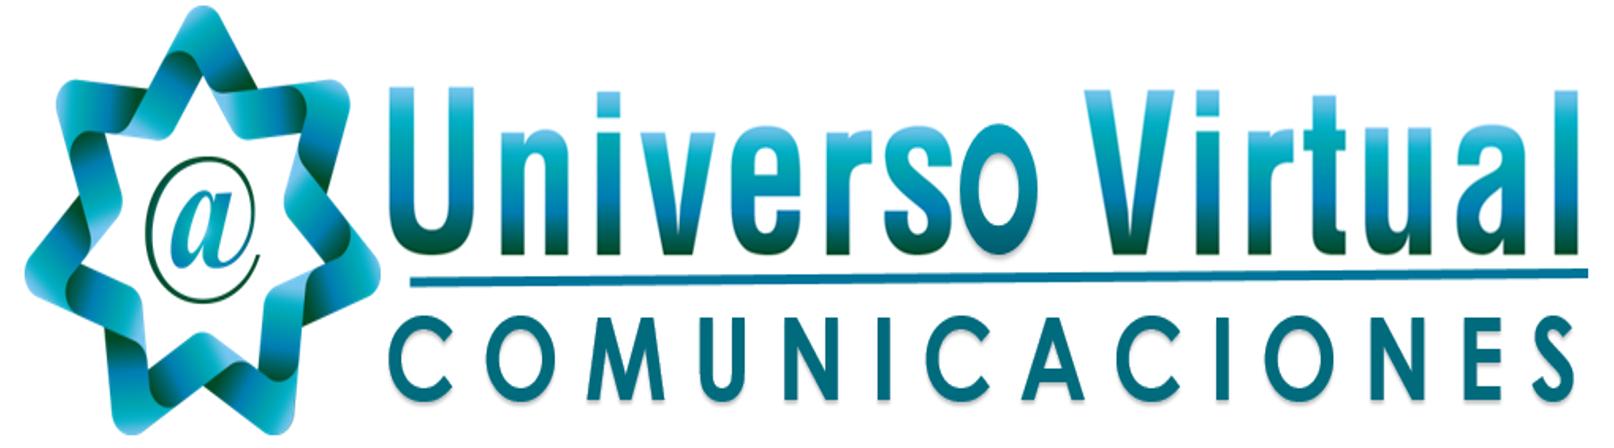 Universo Virtual Comunicaciones